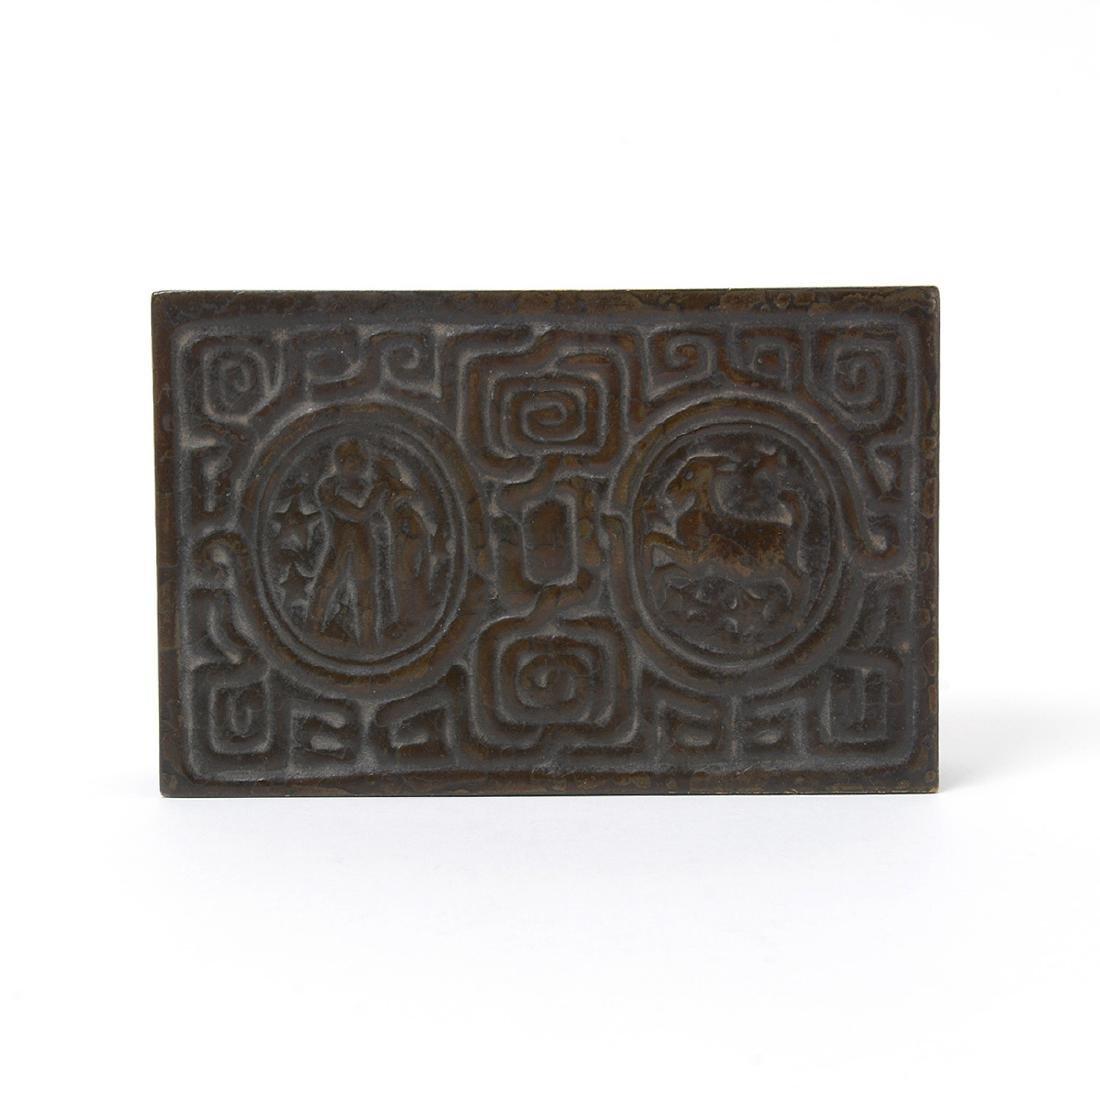 Tiffany Studios Zodiac Box #810 and Tiffany Studios - 2